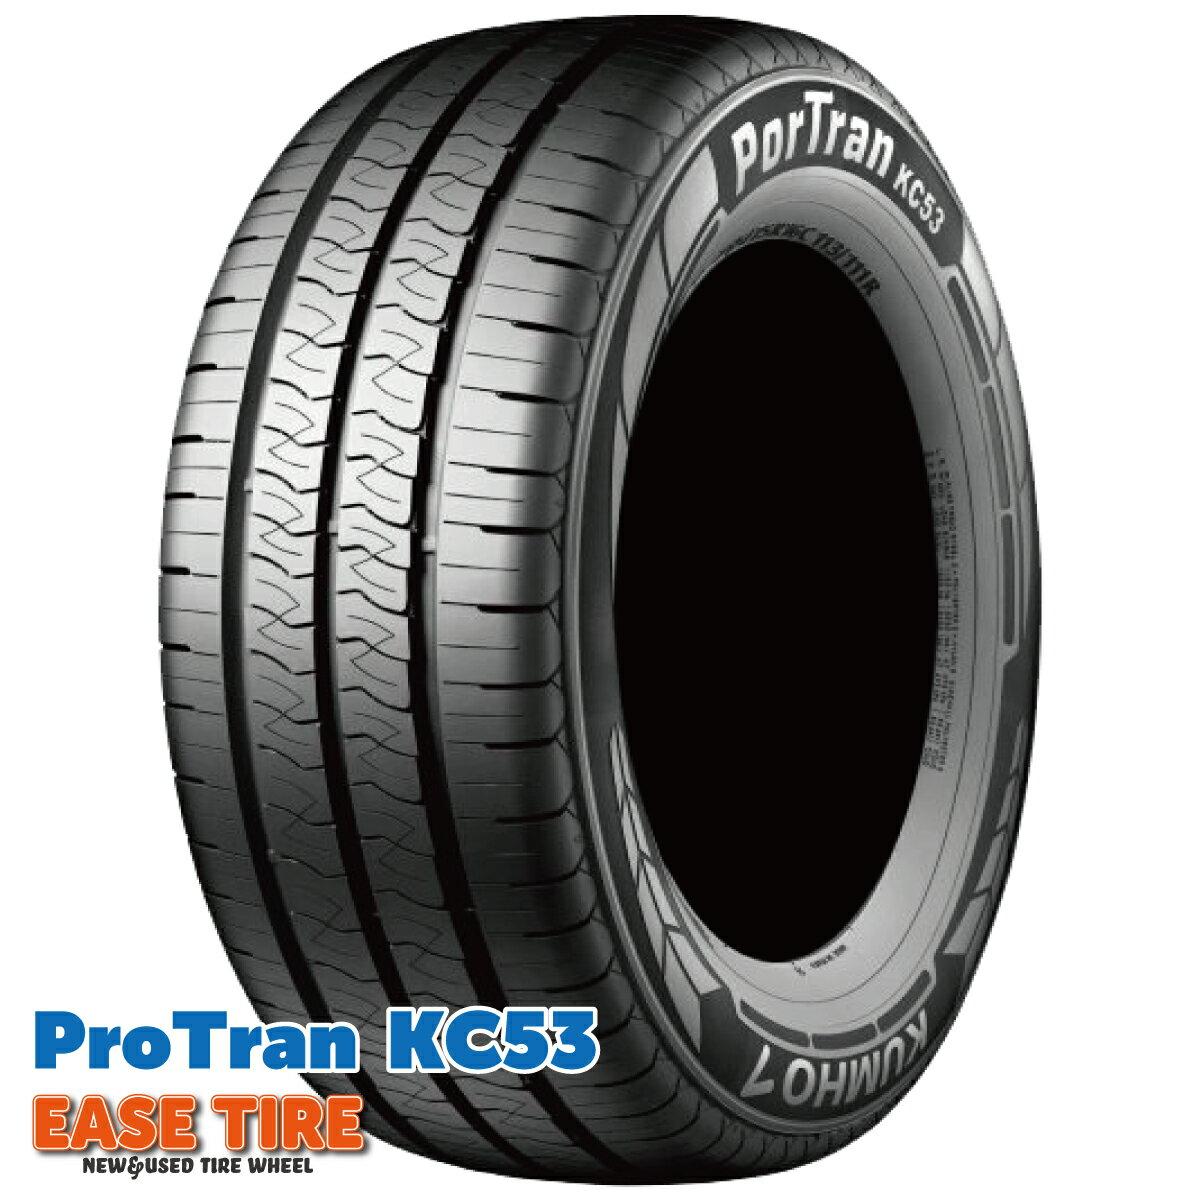 タイヤ・ホイール, サマータイヤ 19580R15 107105 KUMHO PorTran KC53 1 4